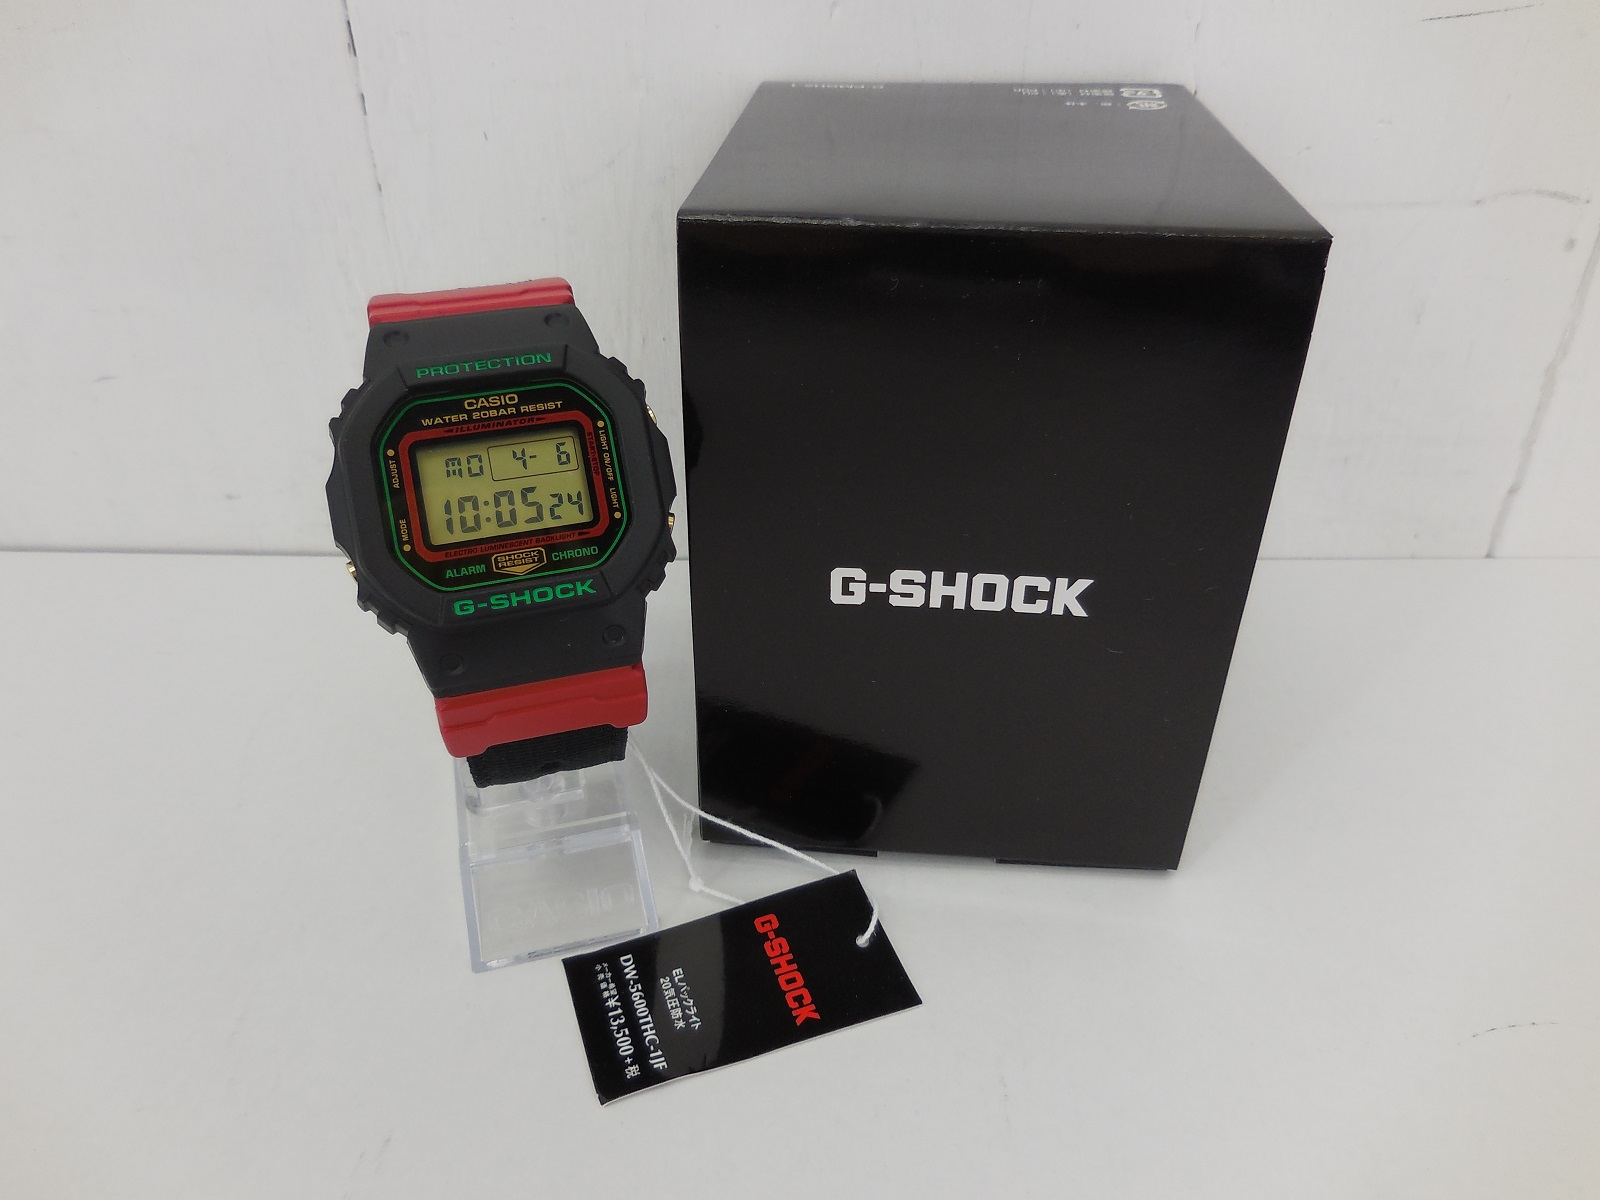 G-SHOCK DW-5600THC ジーショック ブラック×レッド ナイロンベルト